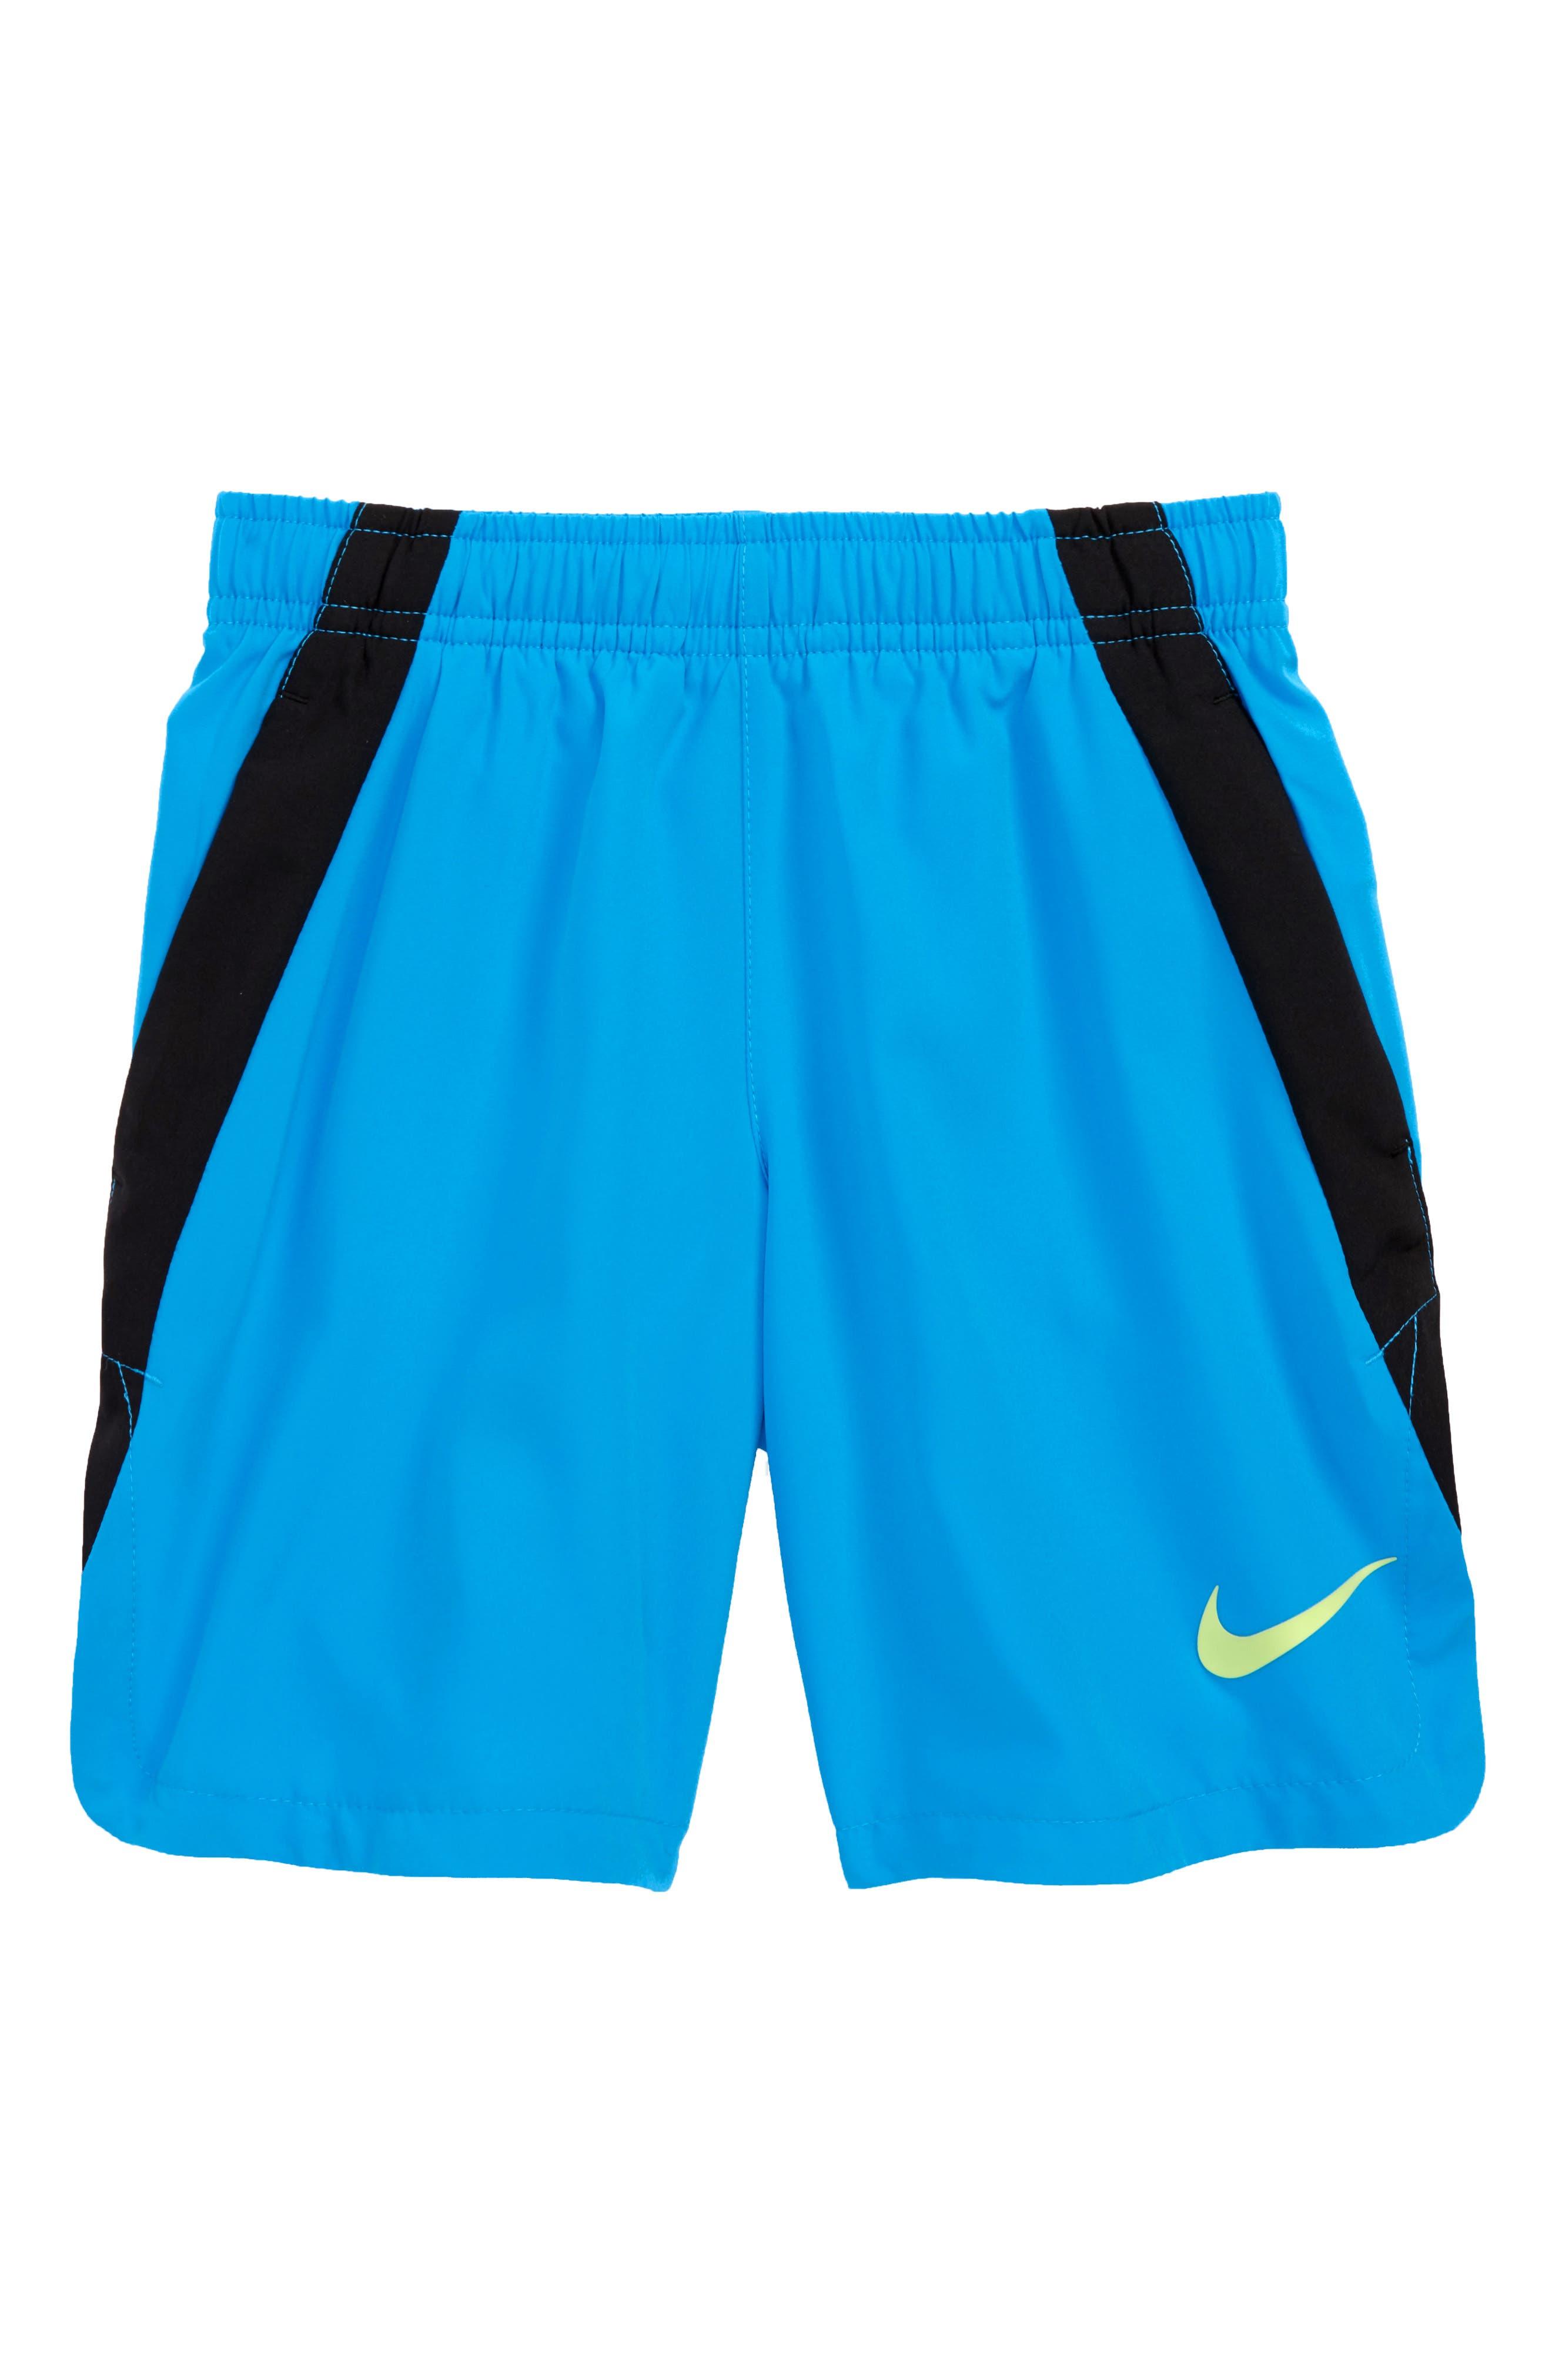 Dry Vent Shorts,                             Alternate thumbnail 2, color,                             Equator Blue